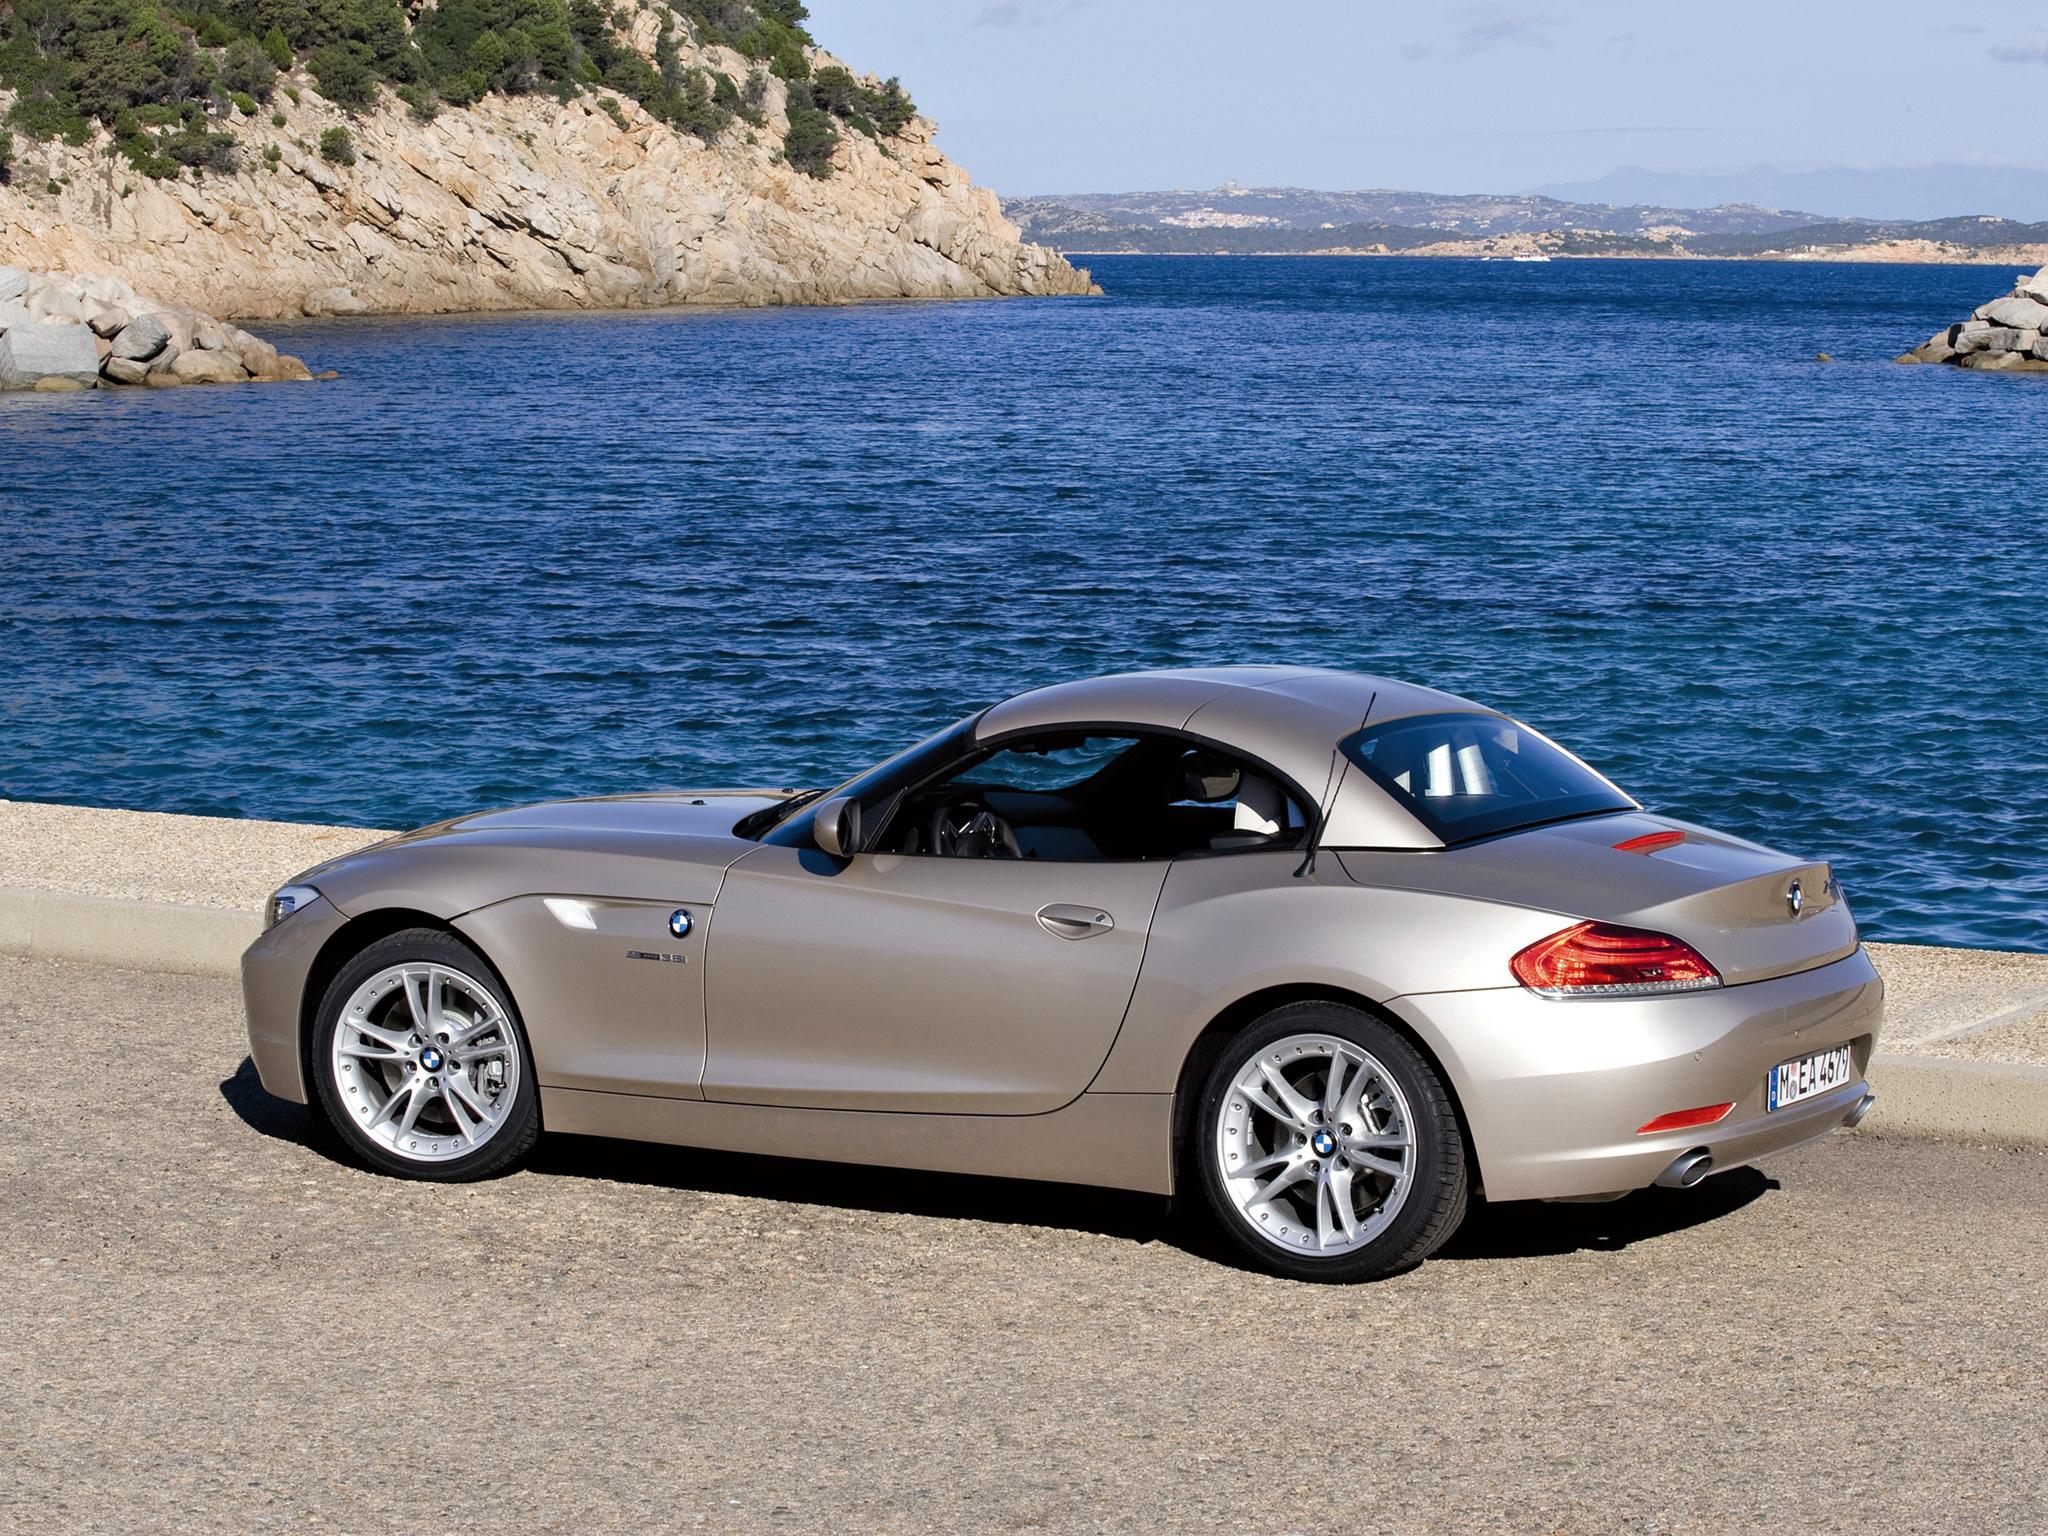 BMW Z4 met hardtop